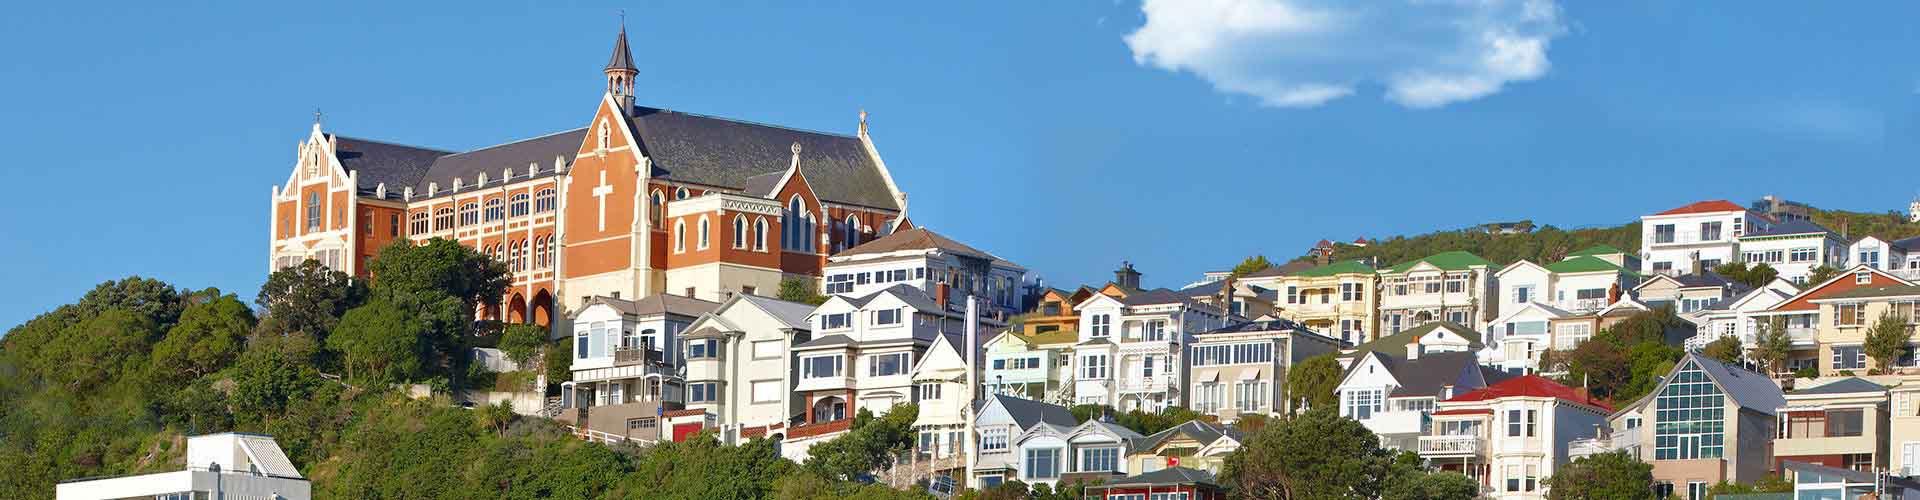 Wellington - Hostele w mieście: Wellington, Mapy: Wellington, Zdjęcia i Recenzje dla każdego hostelu w mieście Wellington.